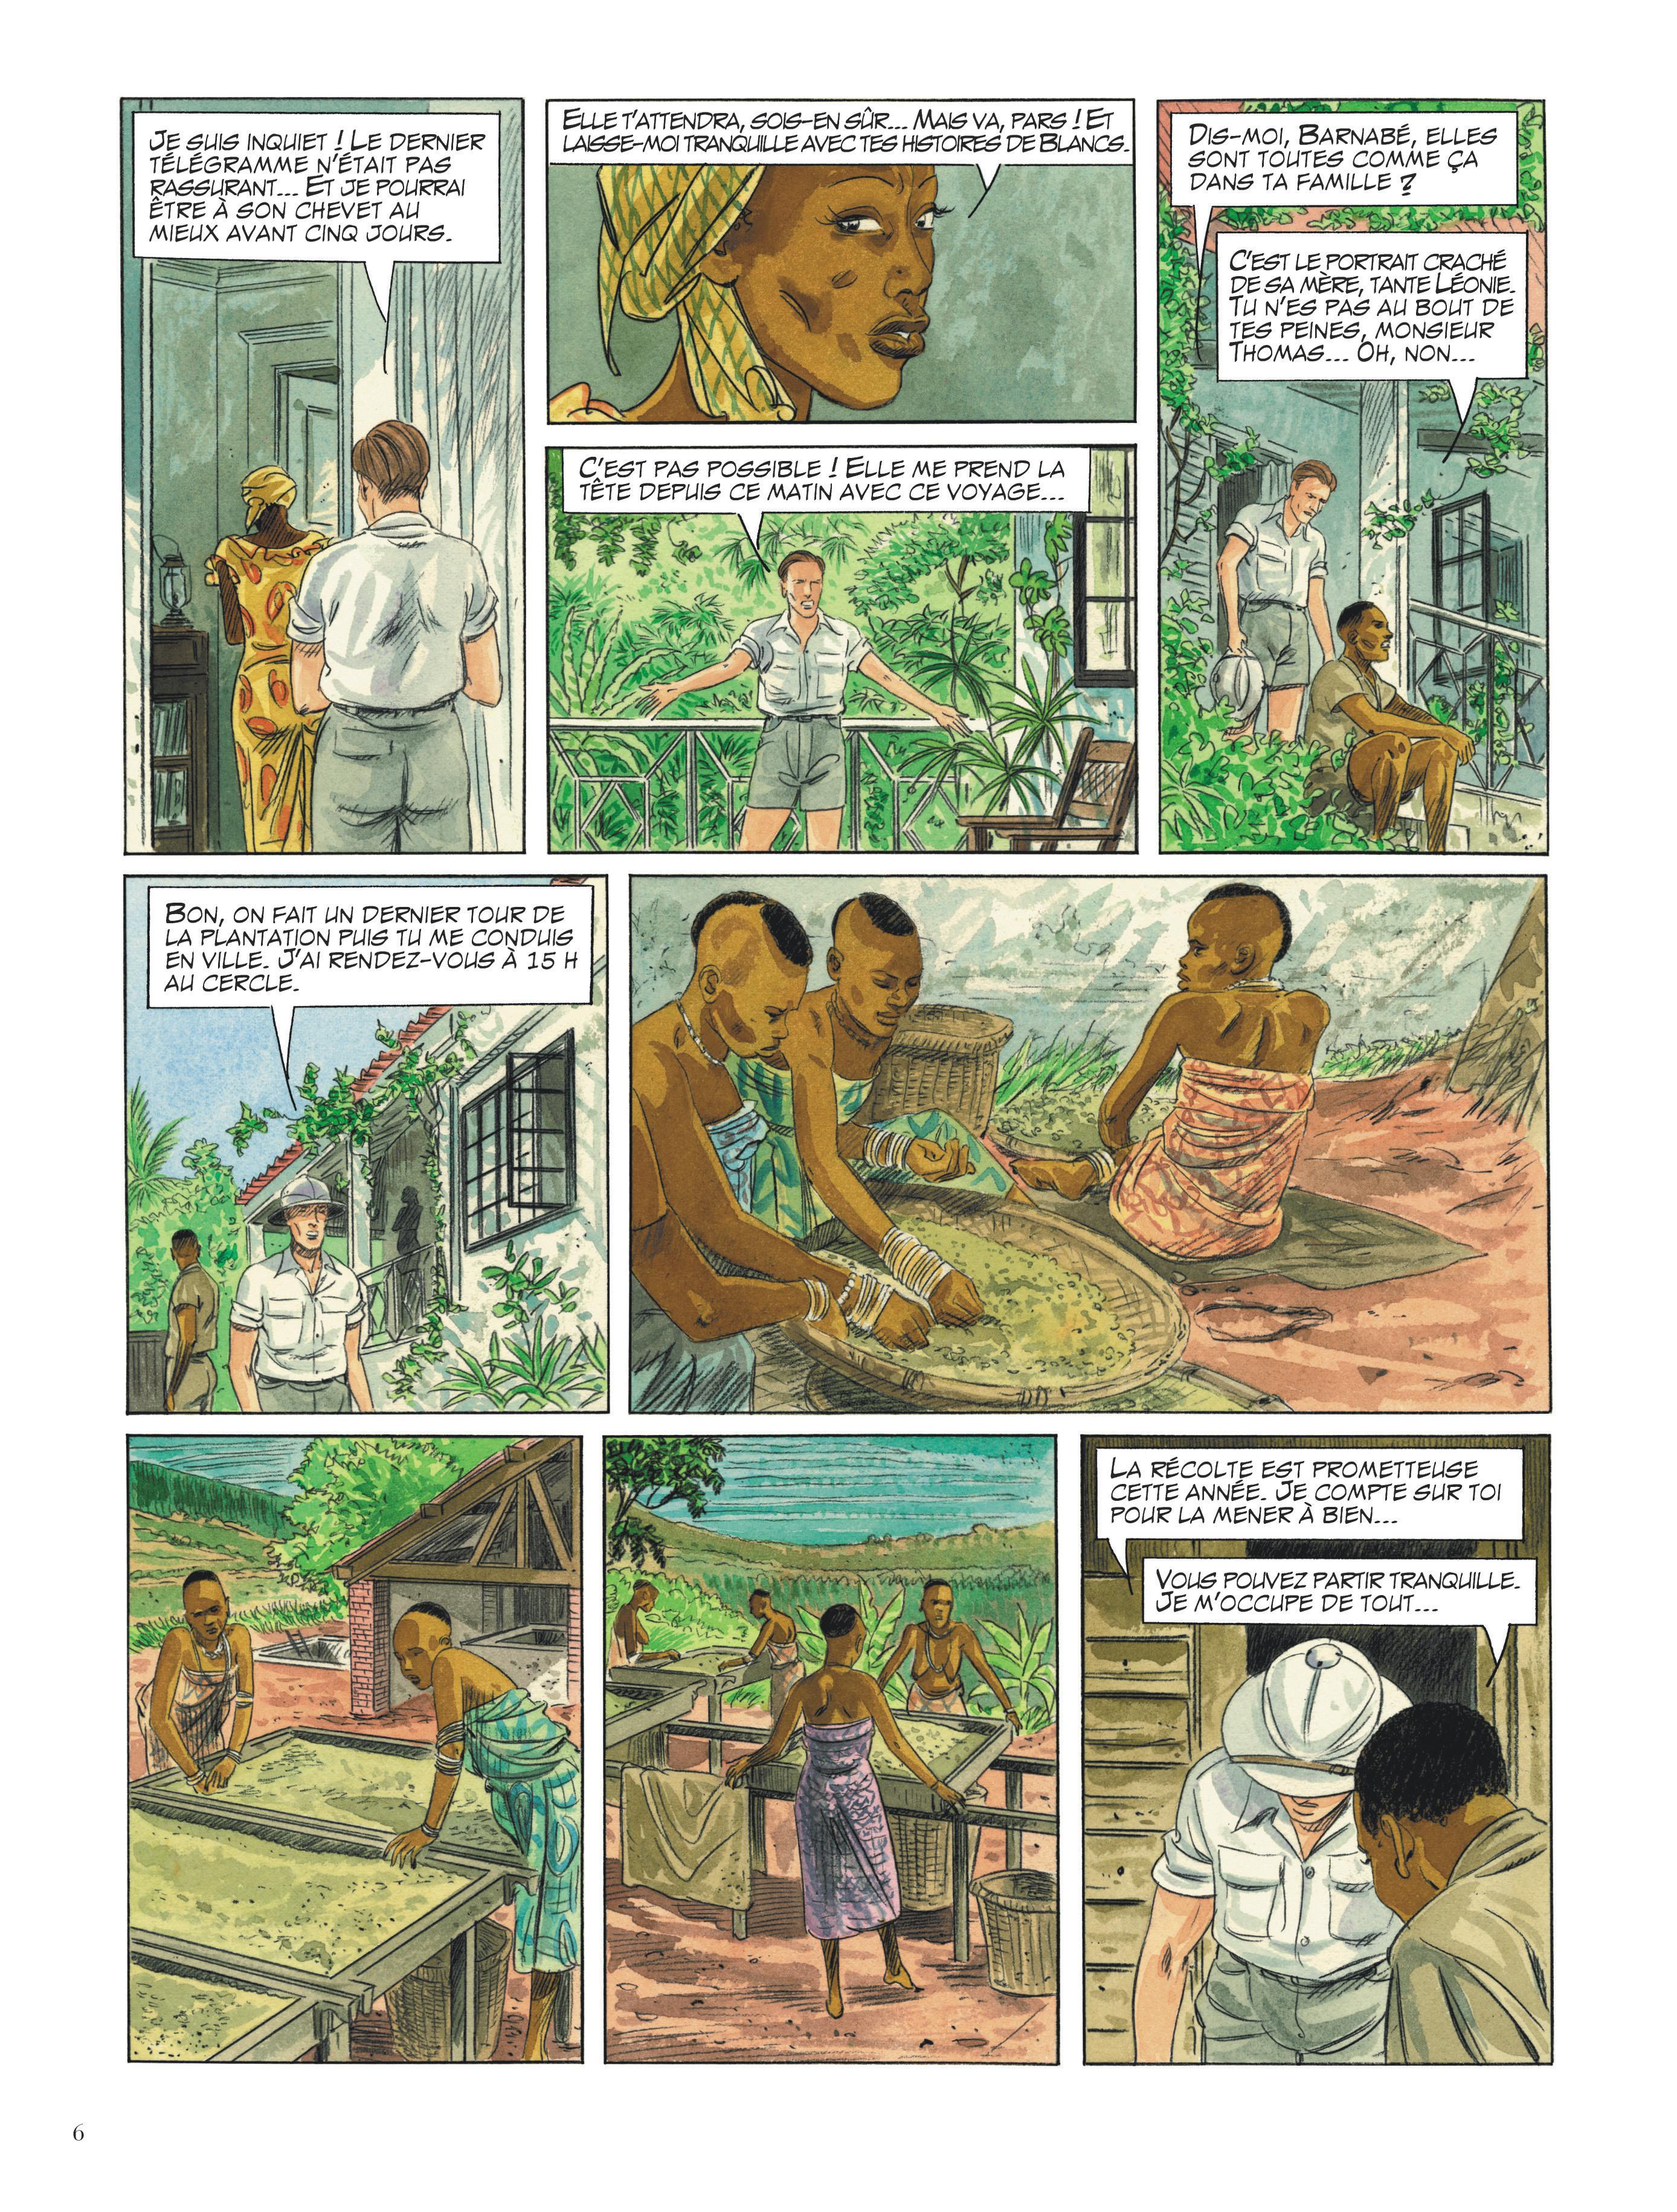 Les_jours_heureux#1_Page 6